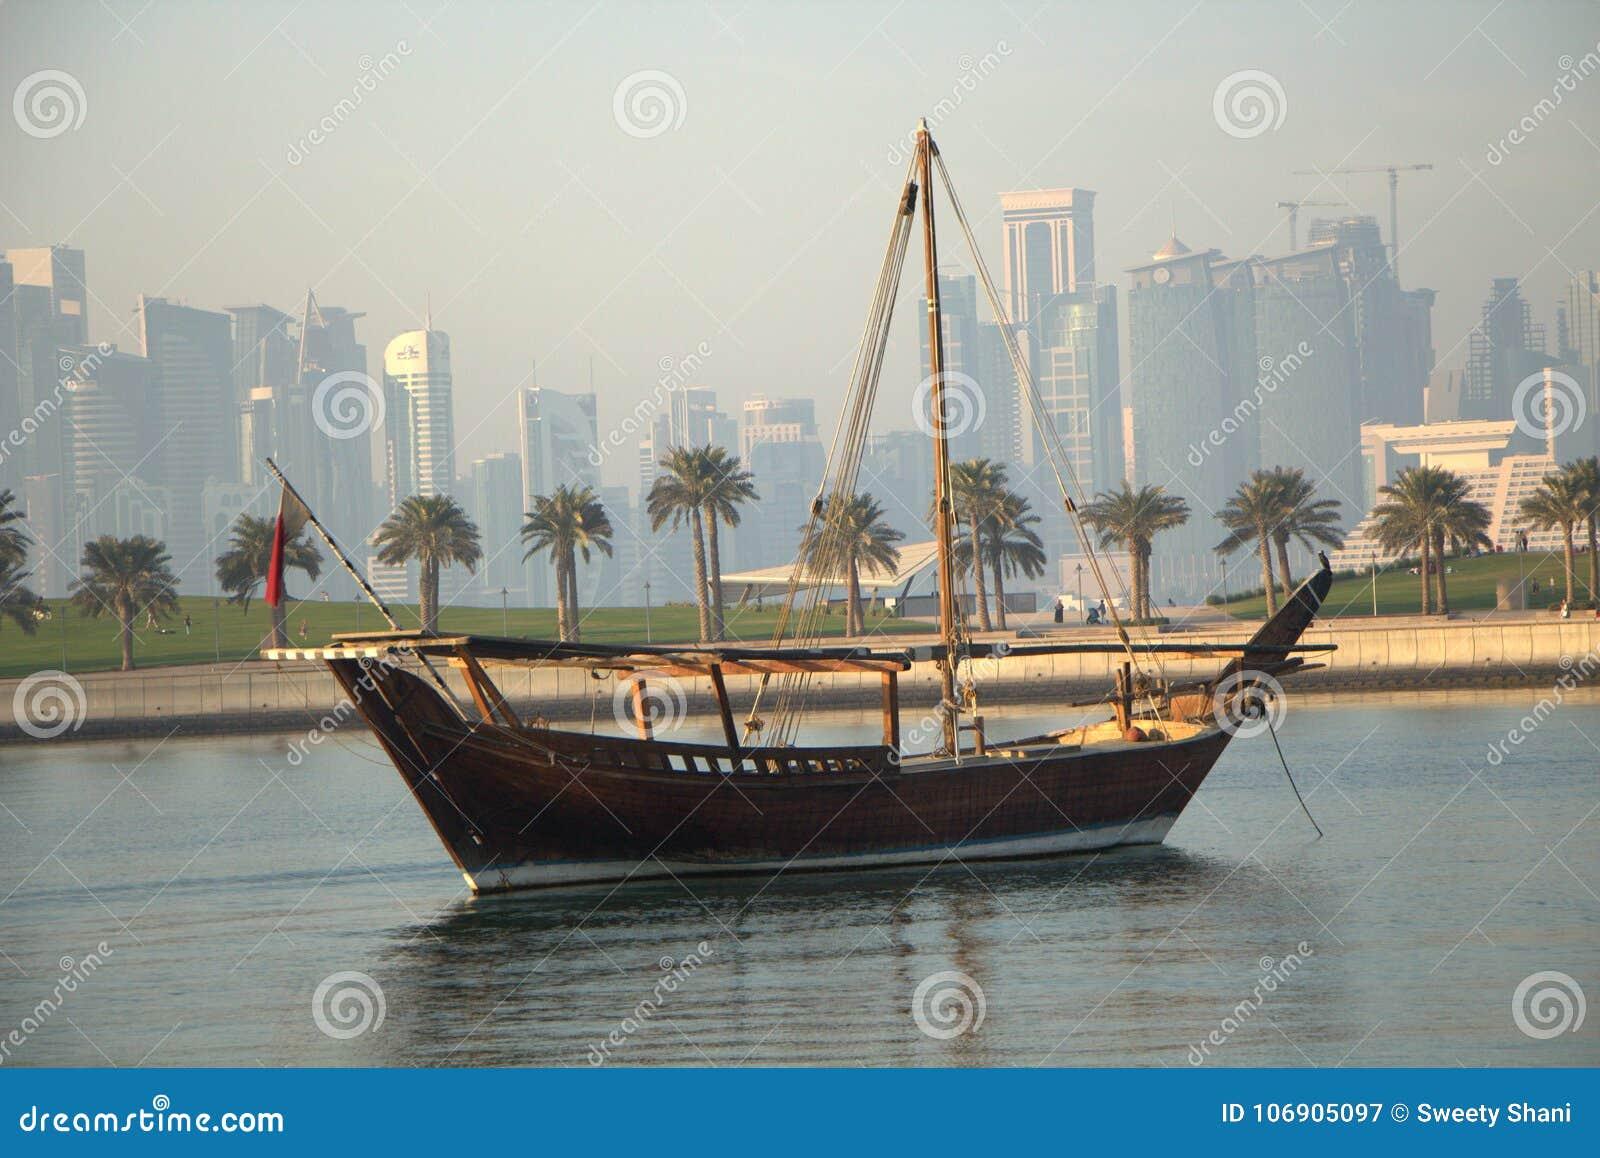 Doha Corniche Denna strona